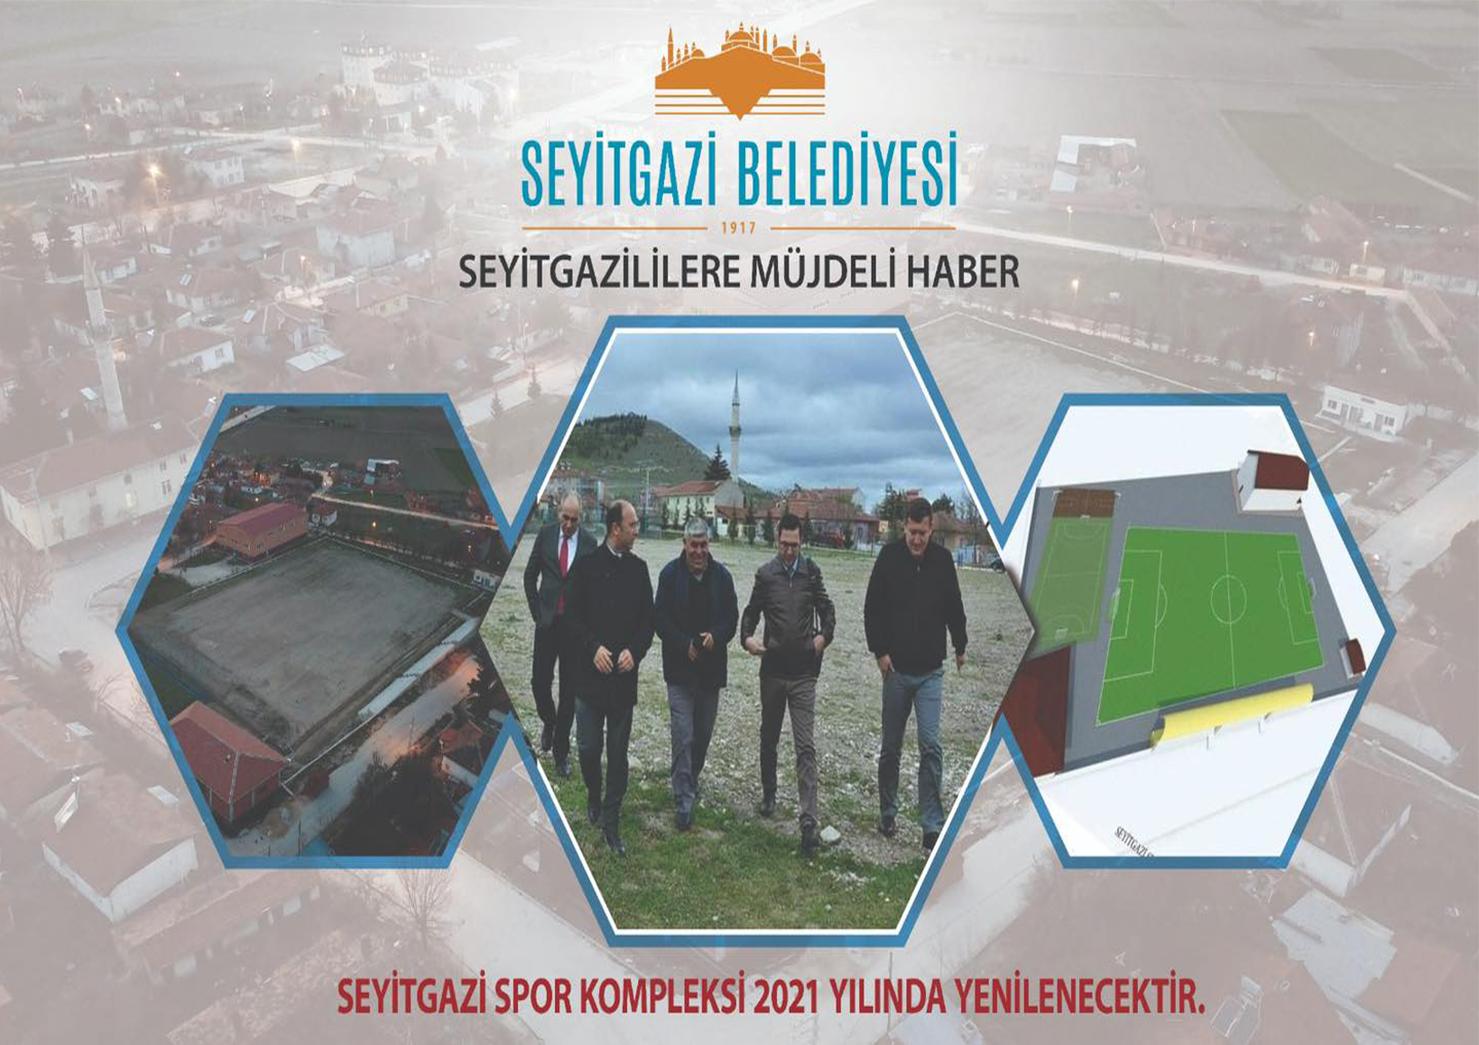 SEYİTGAZİ'MİZİN SPOR KOMPLEKSİ YENİLENİYOR